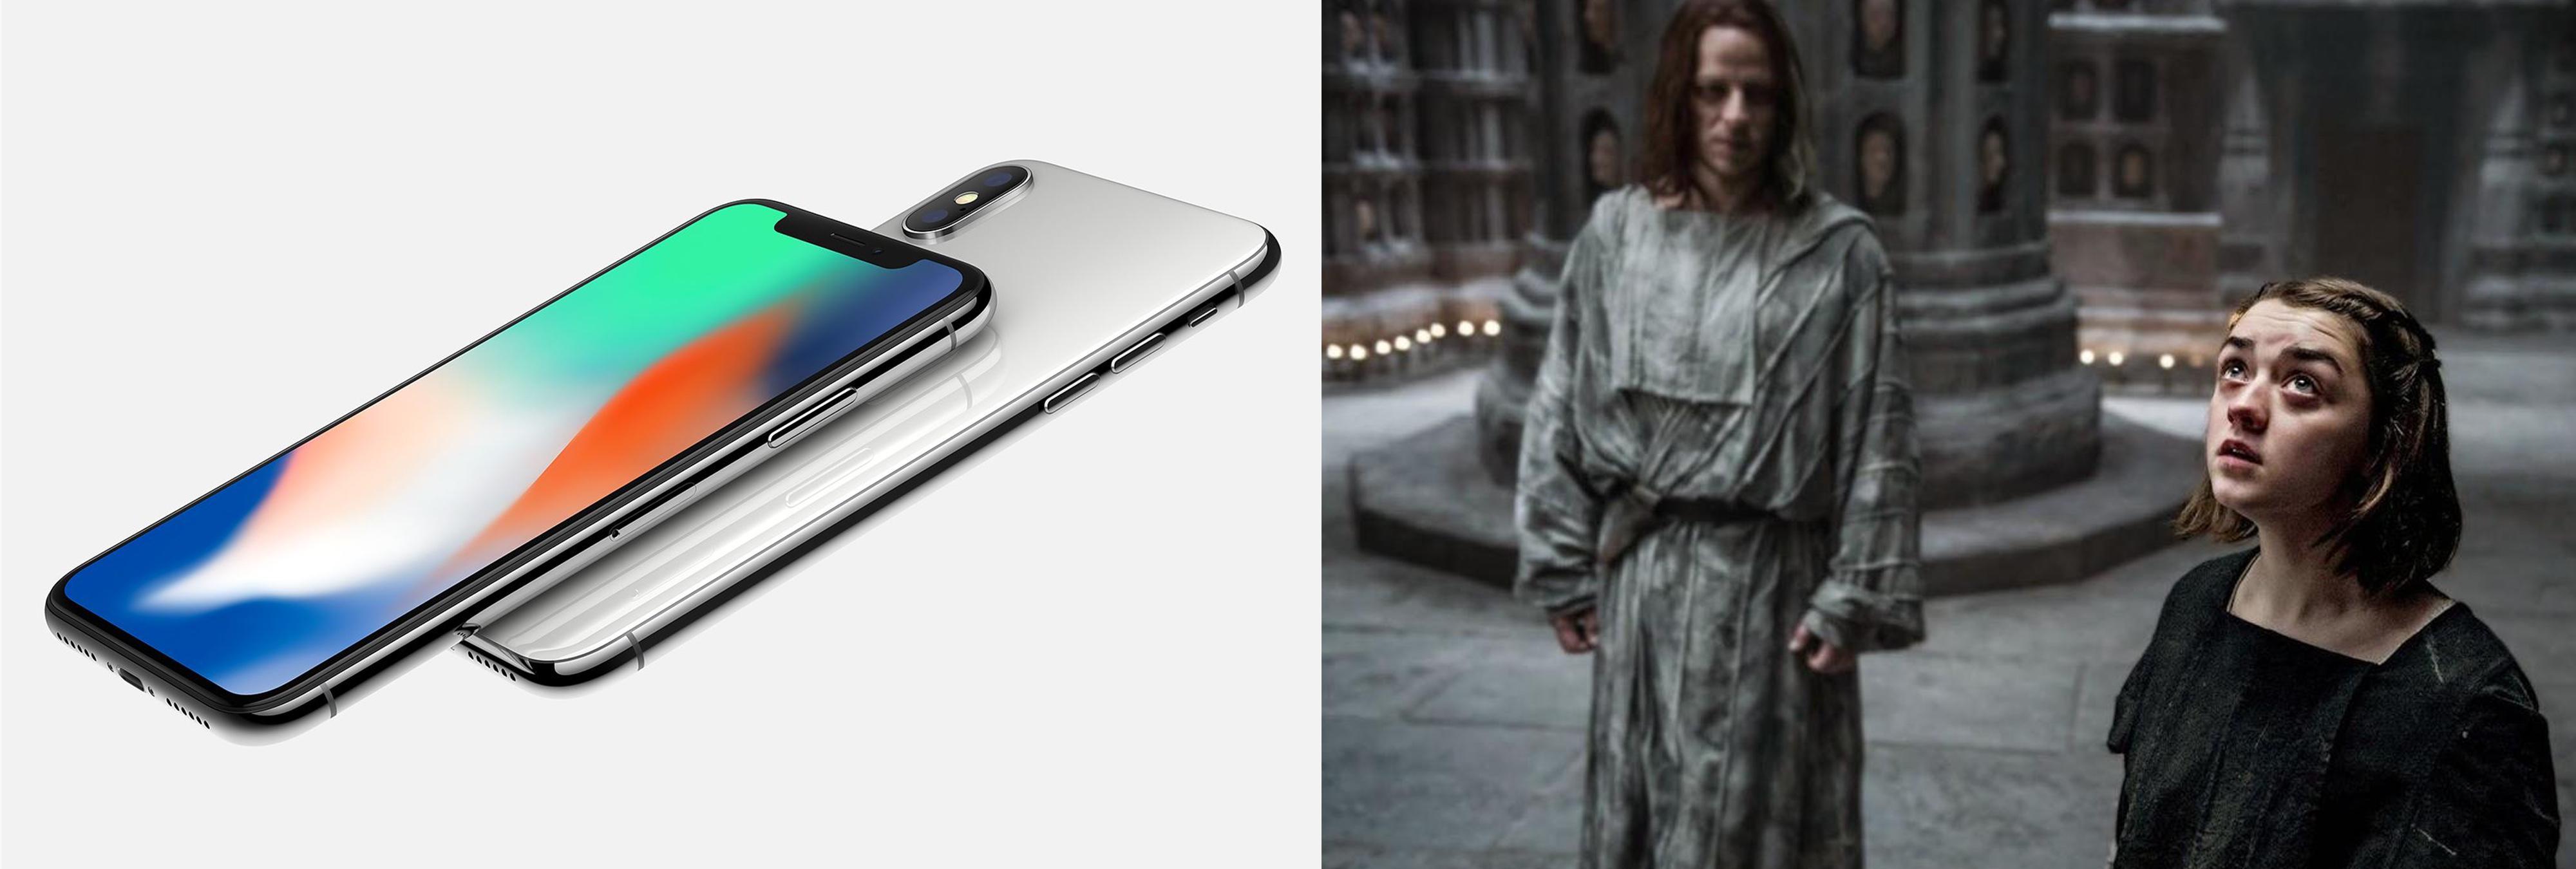 Arya Stark es capaz de 'hackear' todos los iPhone X